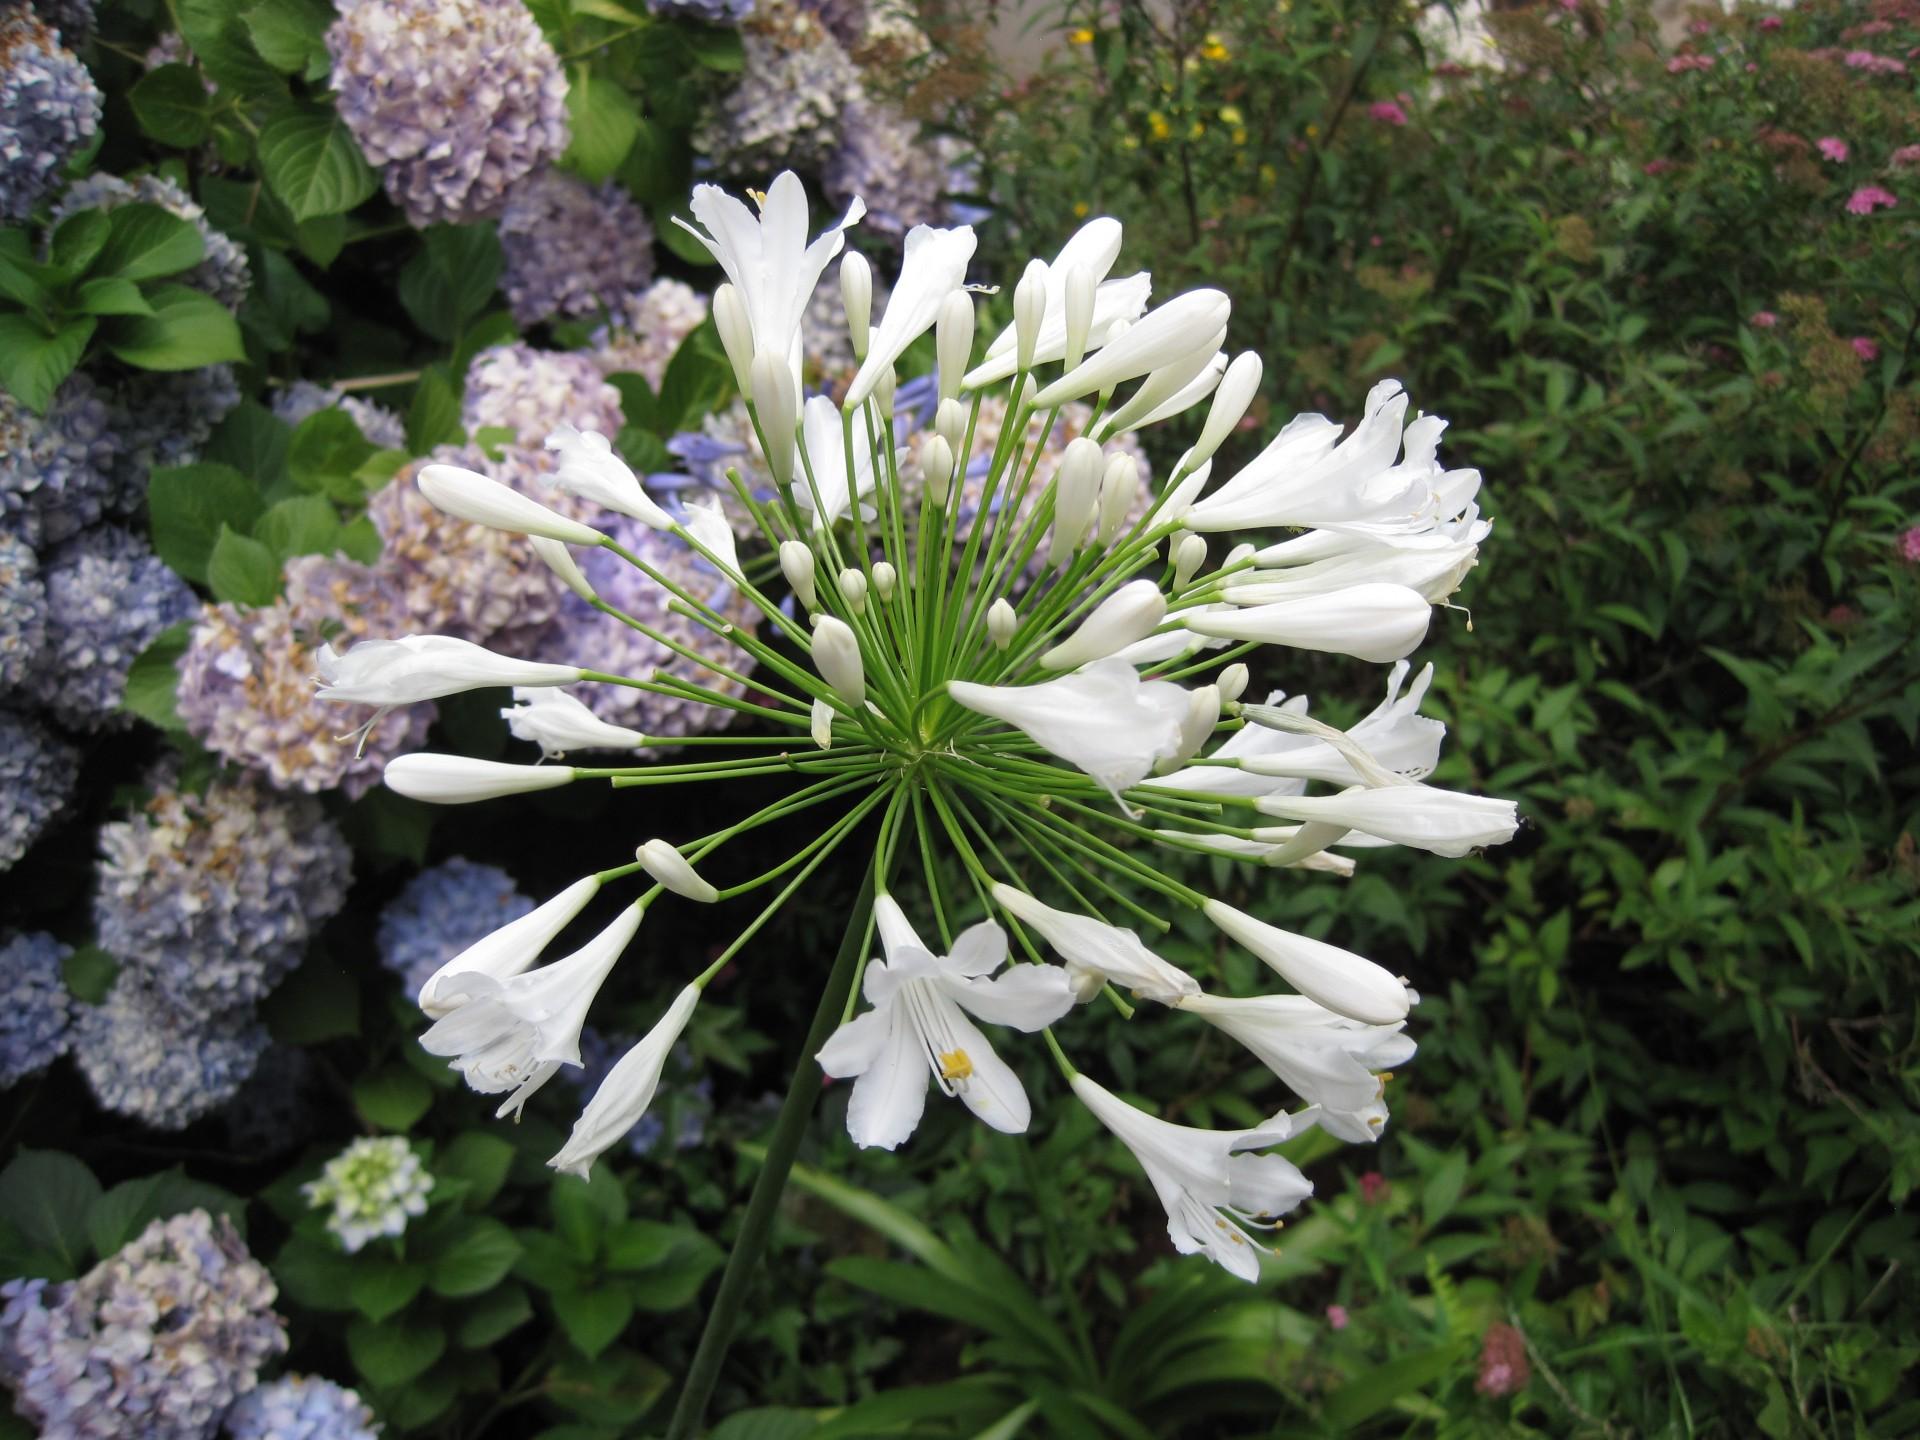 Los agapantos pueden tener flores azules o blancas